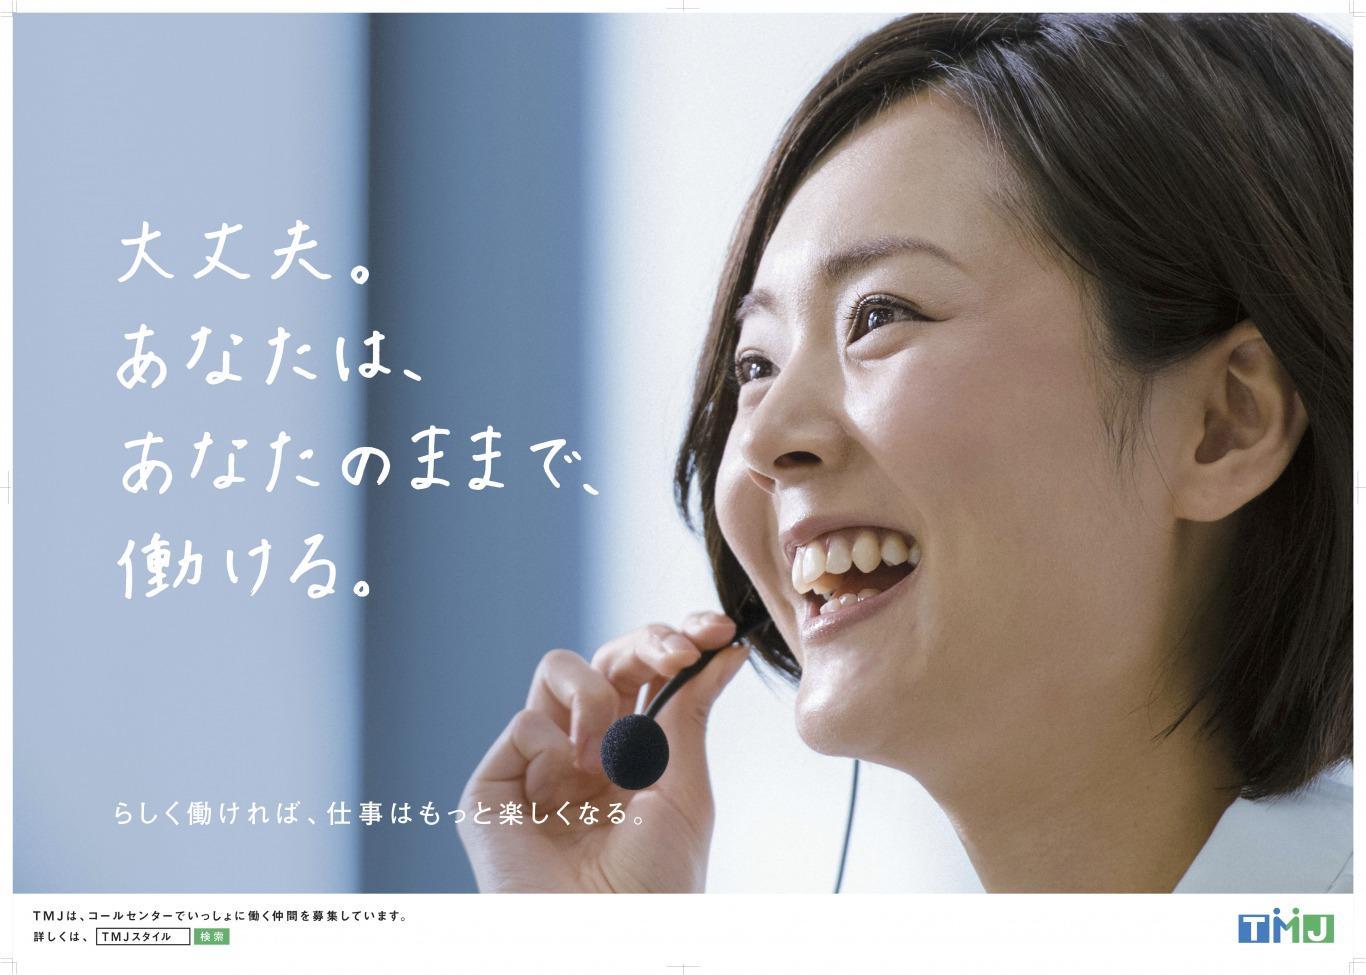 【熊本トップクラスの高時給】インターネットに関するコールセンタースタッフ大募集!